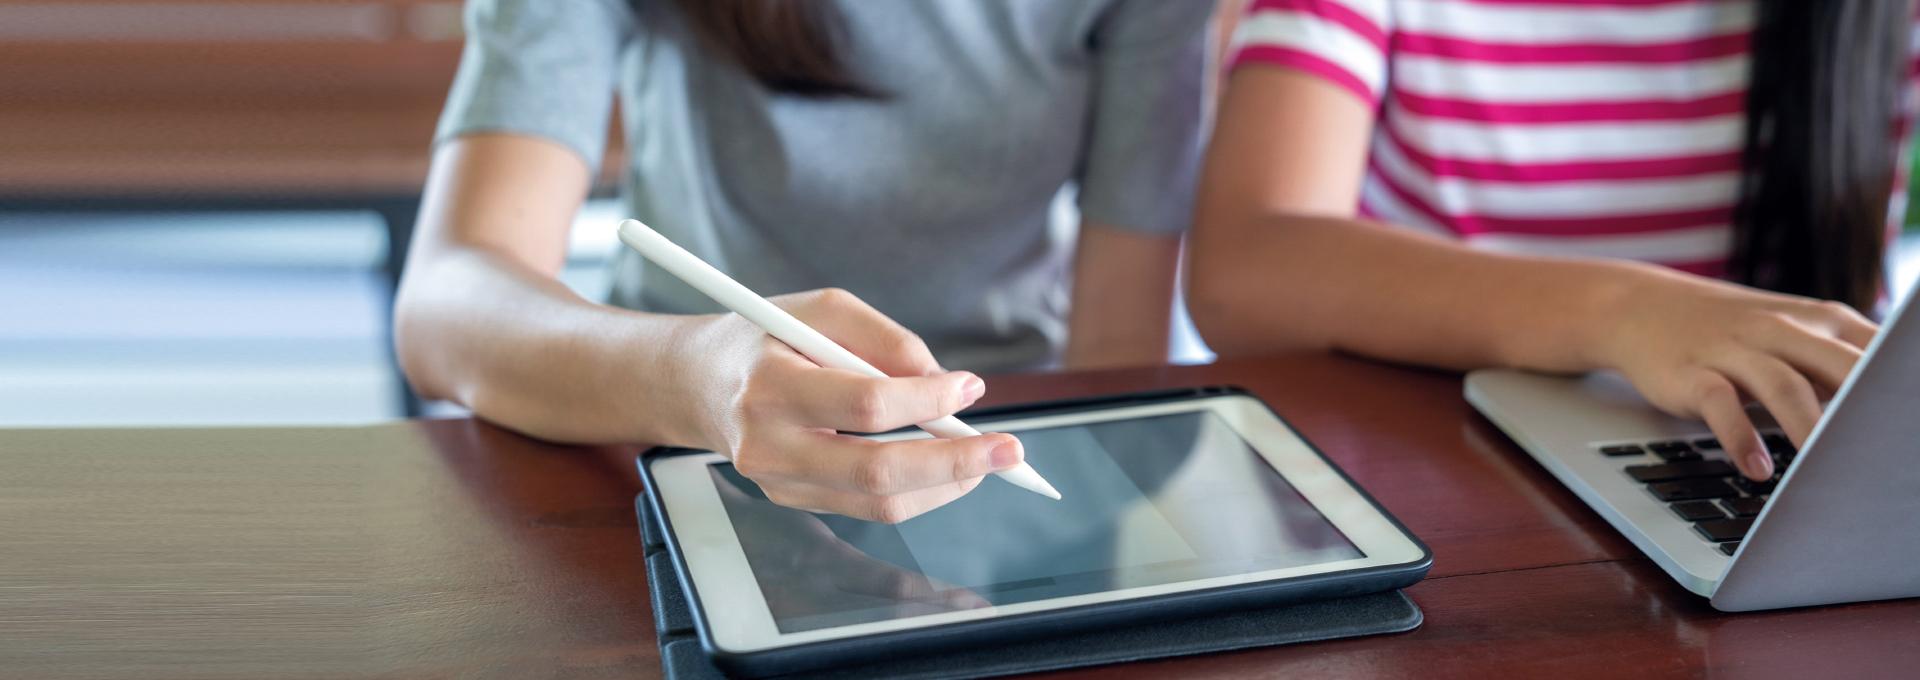 Für den Besuch eines Webinars braucht es nur einen Laptop und eine Internetverbindung.